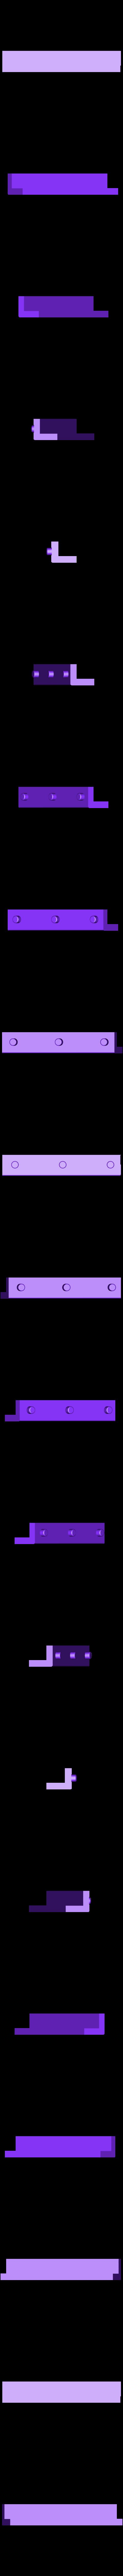 bord de charrete droite.STL Download free STL file charrette 2 roue • Object to 3D print, trixo416